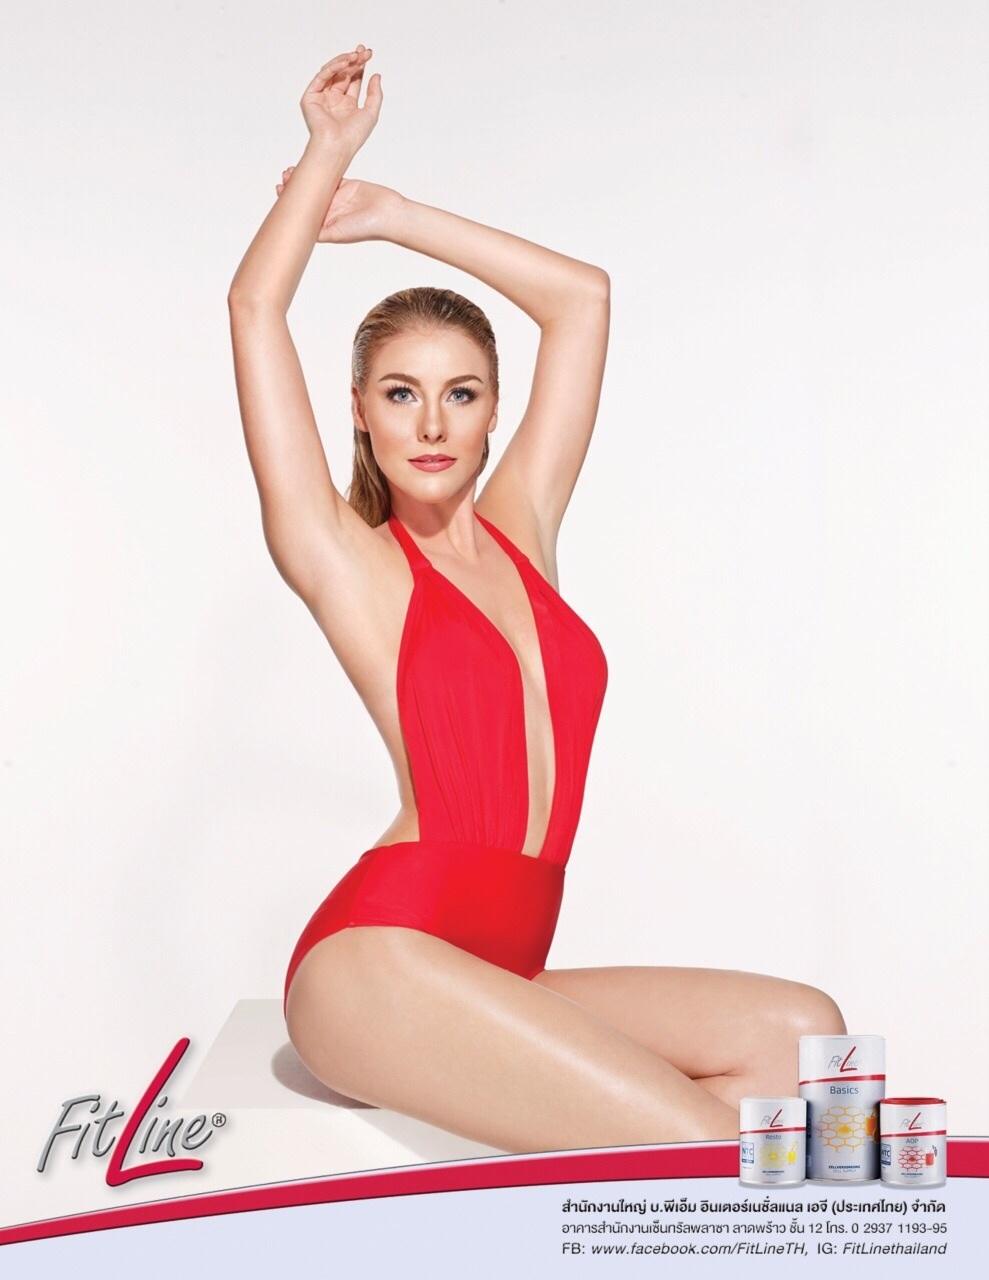 libby-jenningsmsi-modeling-agency-in-bangkok-thailand-7